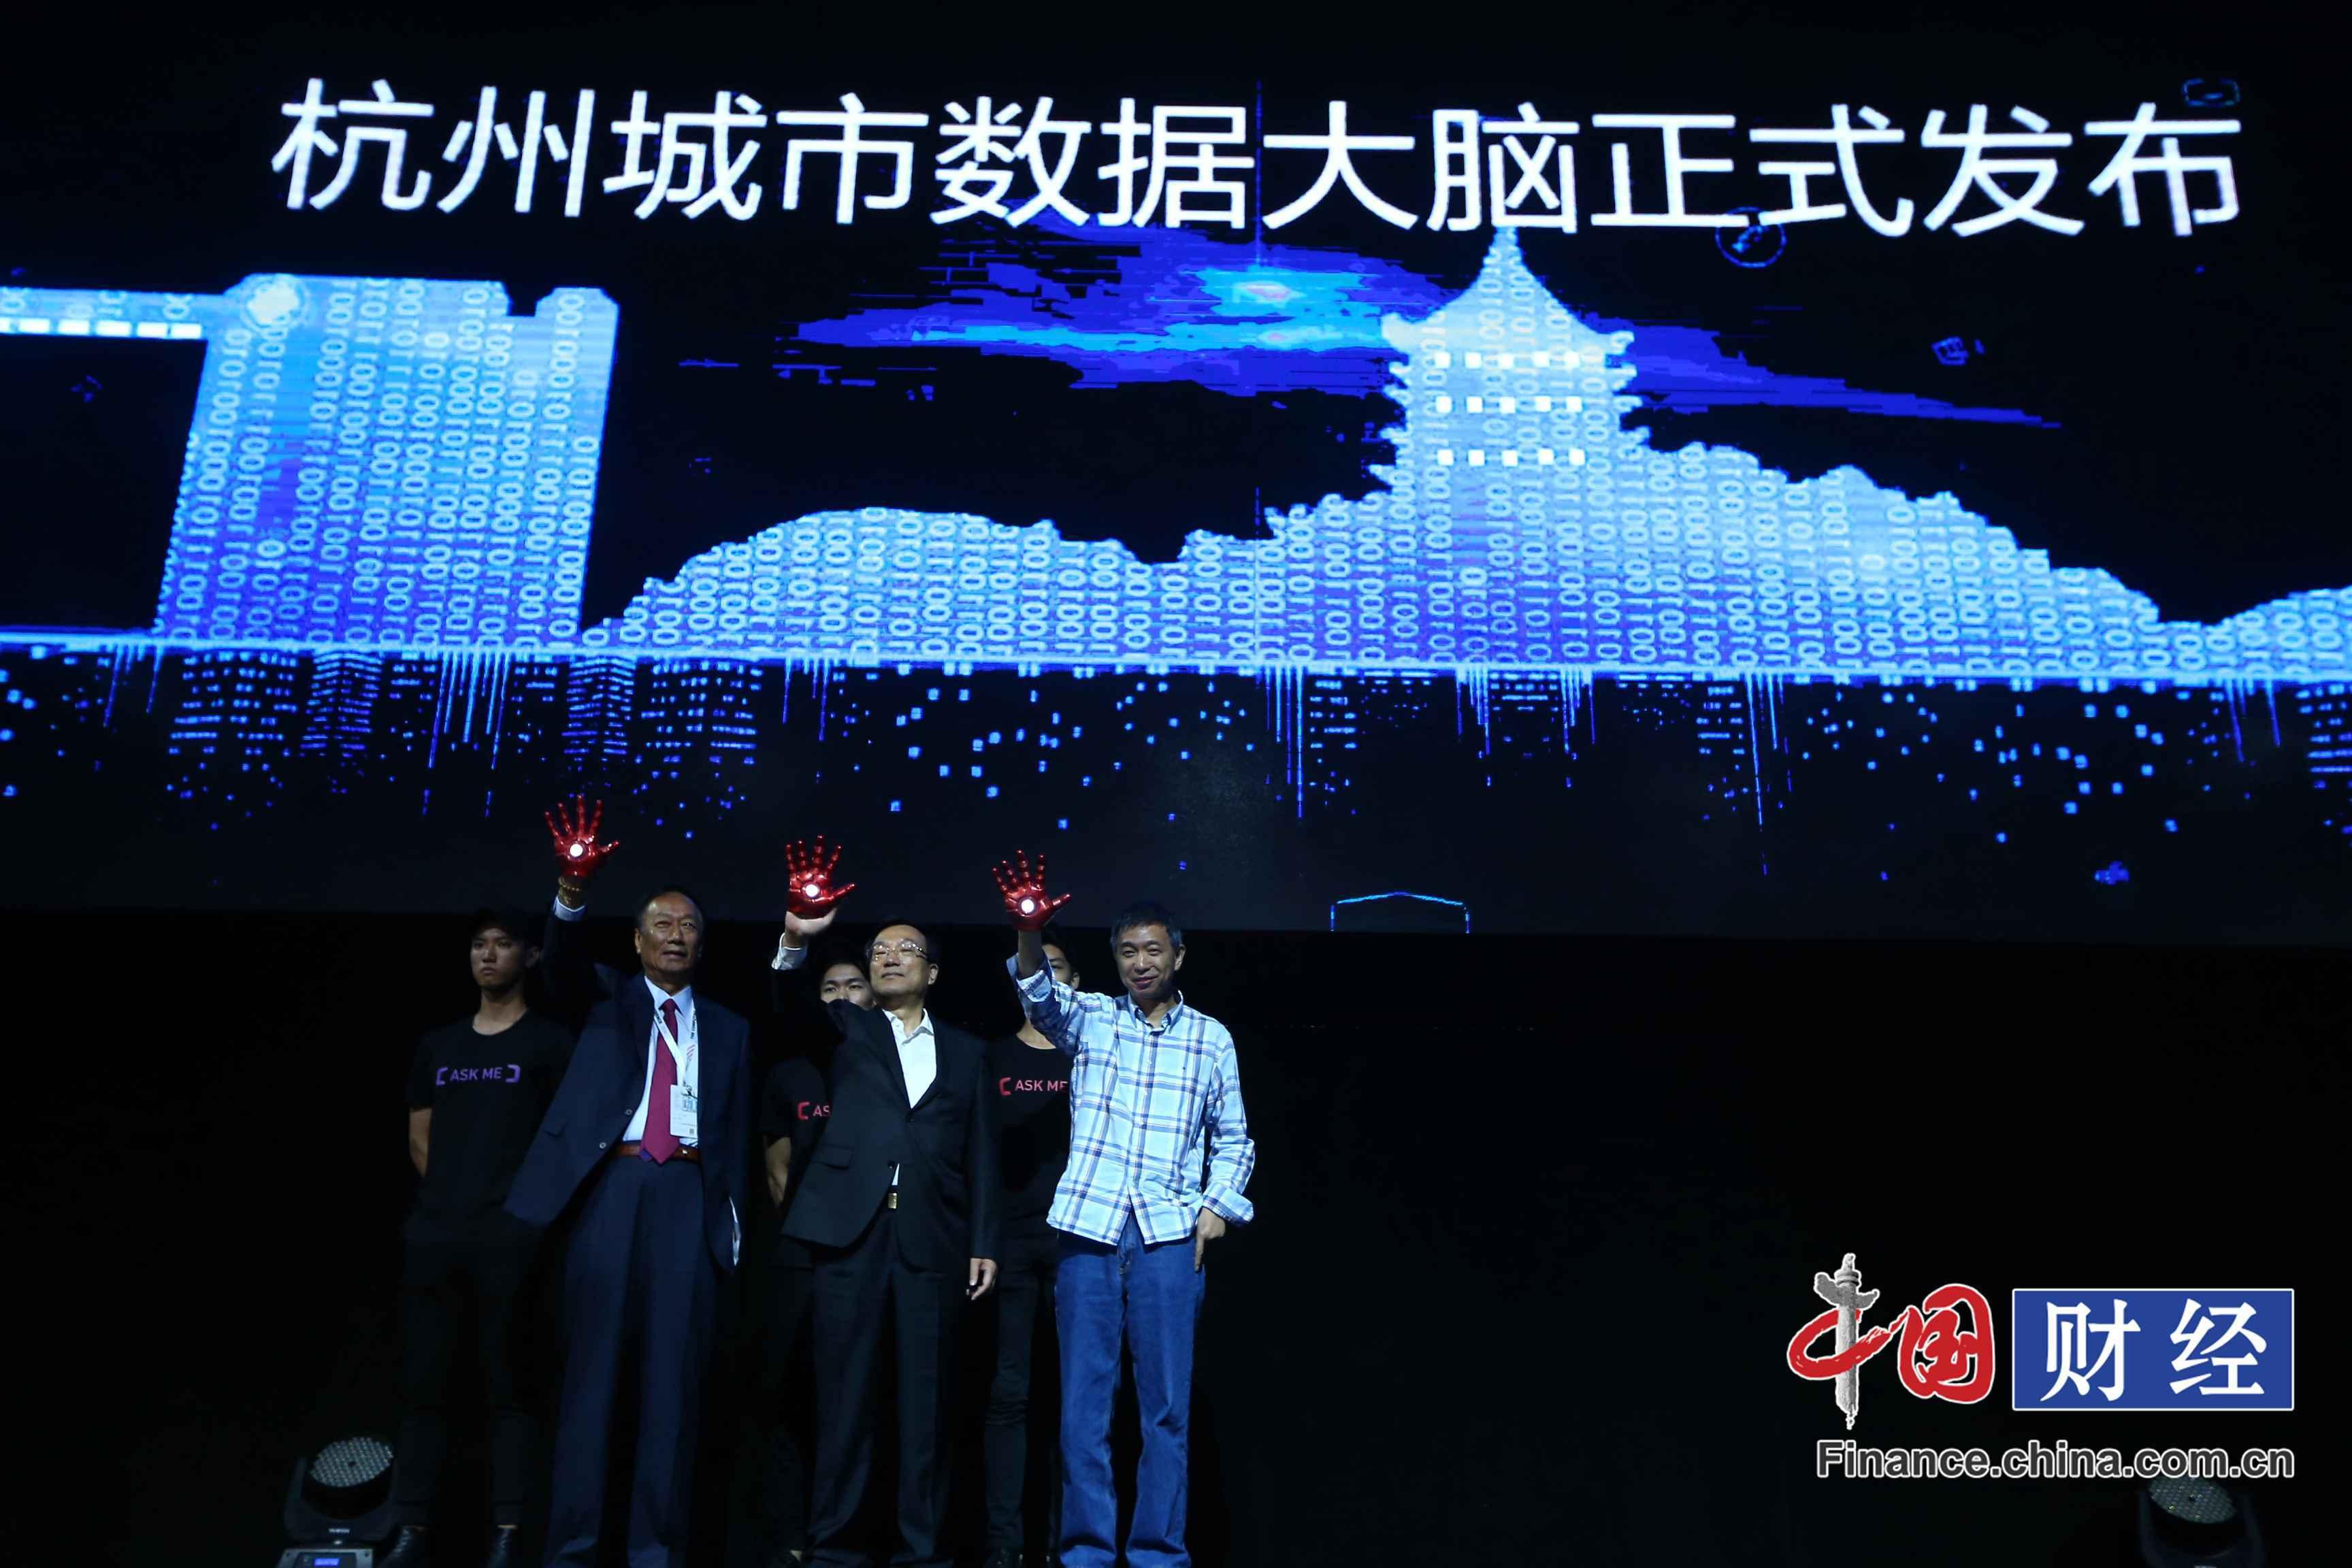 阿里云人工智能ET 开始接管杭州的交通治理